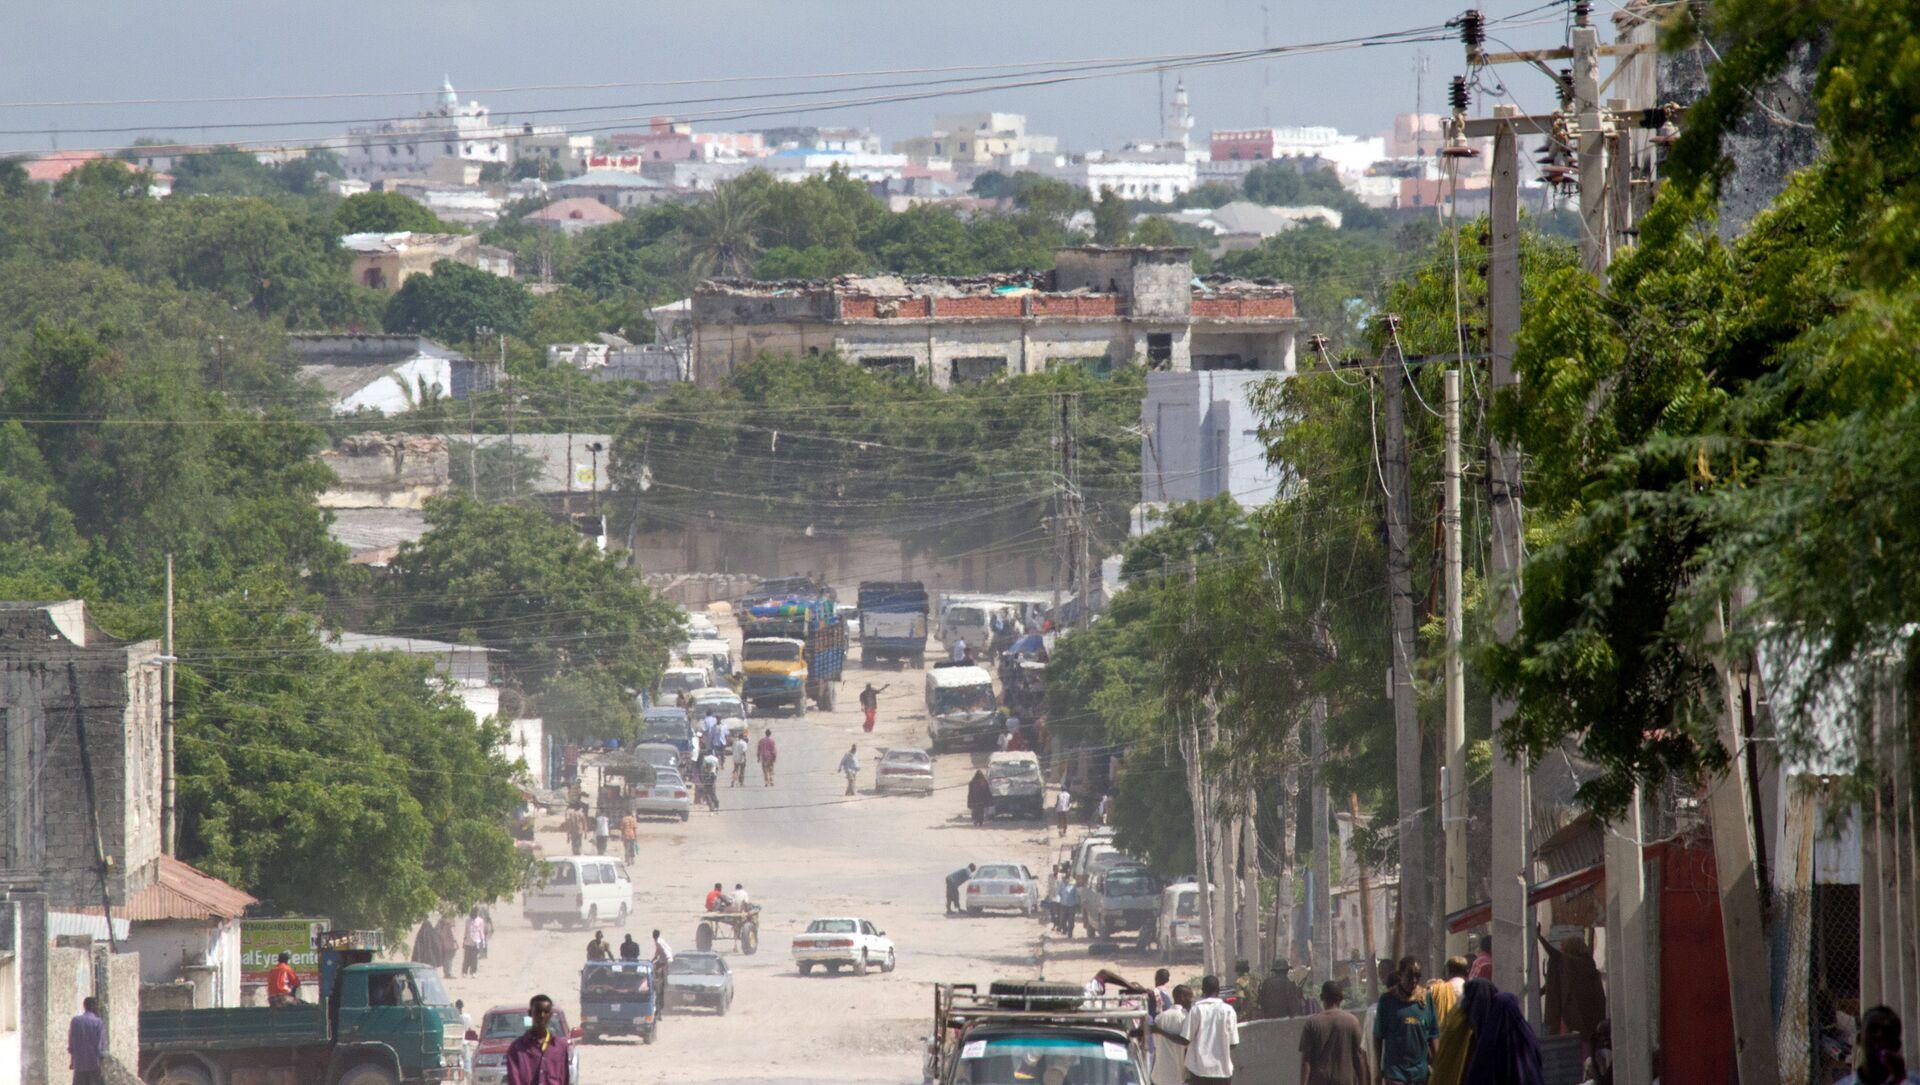 Przedmieścia Mogadiszu, Somalia - Sputnik Polska, 1920, 09.03.2021